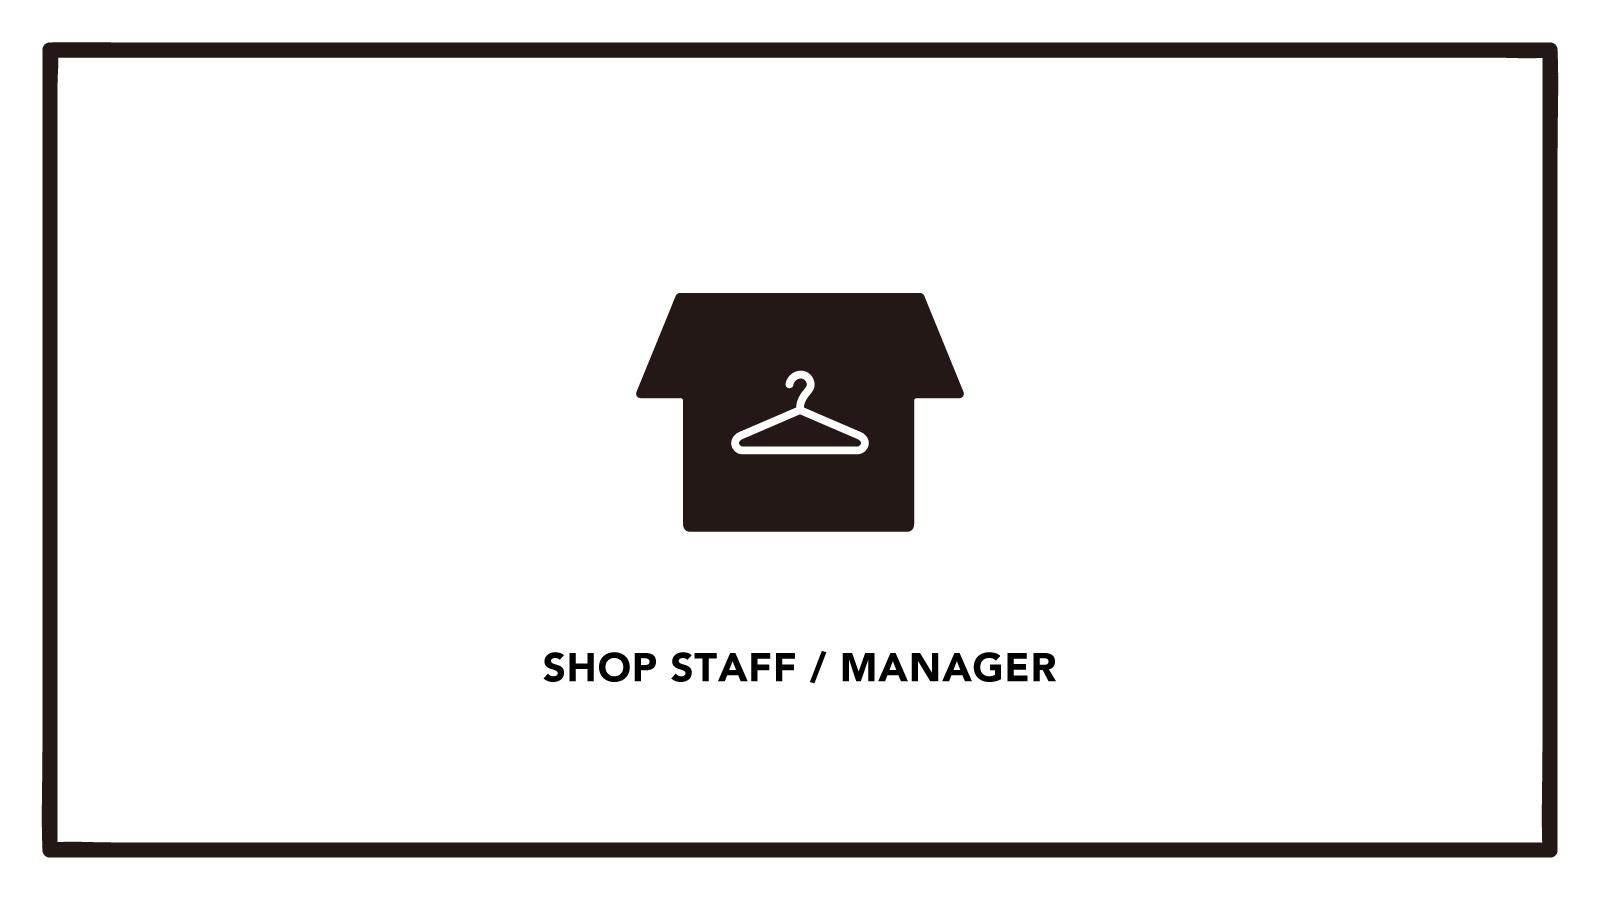 販売スタッフ(店長候補)/大手レディースブランドのカバー写真